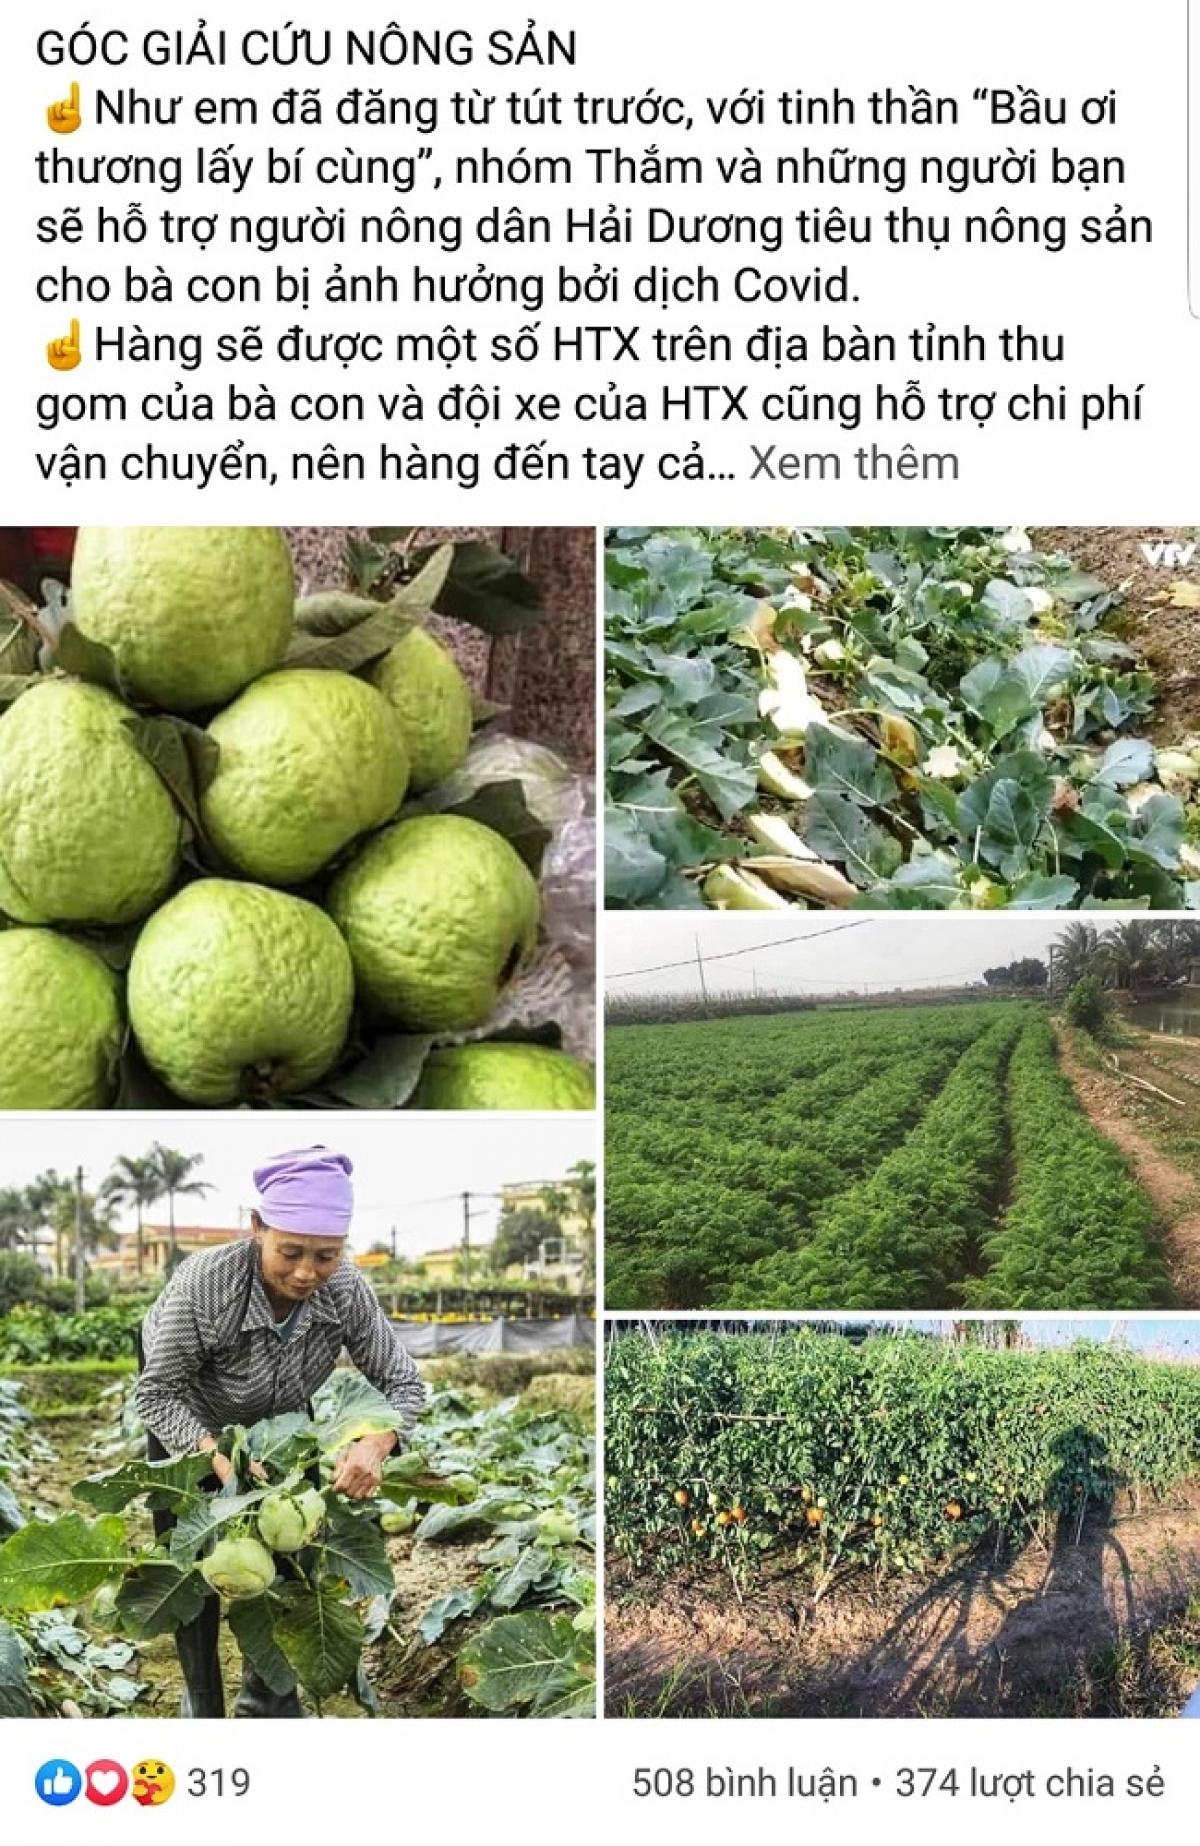 Các cá nhân kêu gọi mọi người hỗ trợ tiêu thụ nông sản của tỉnh Hải Dương. (Ảnh chụp màn hình)